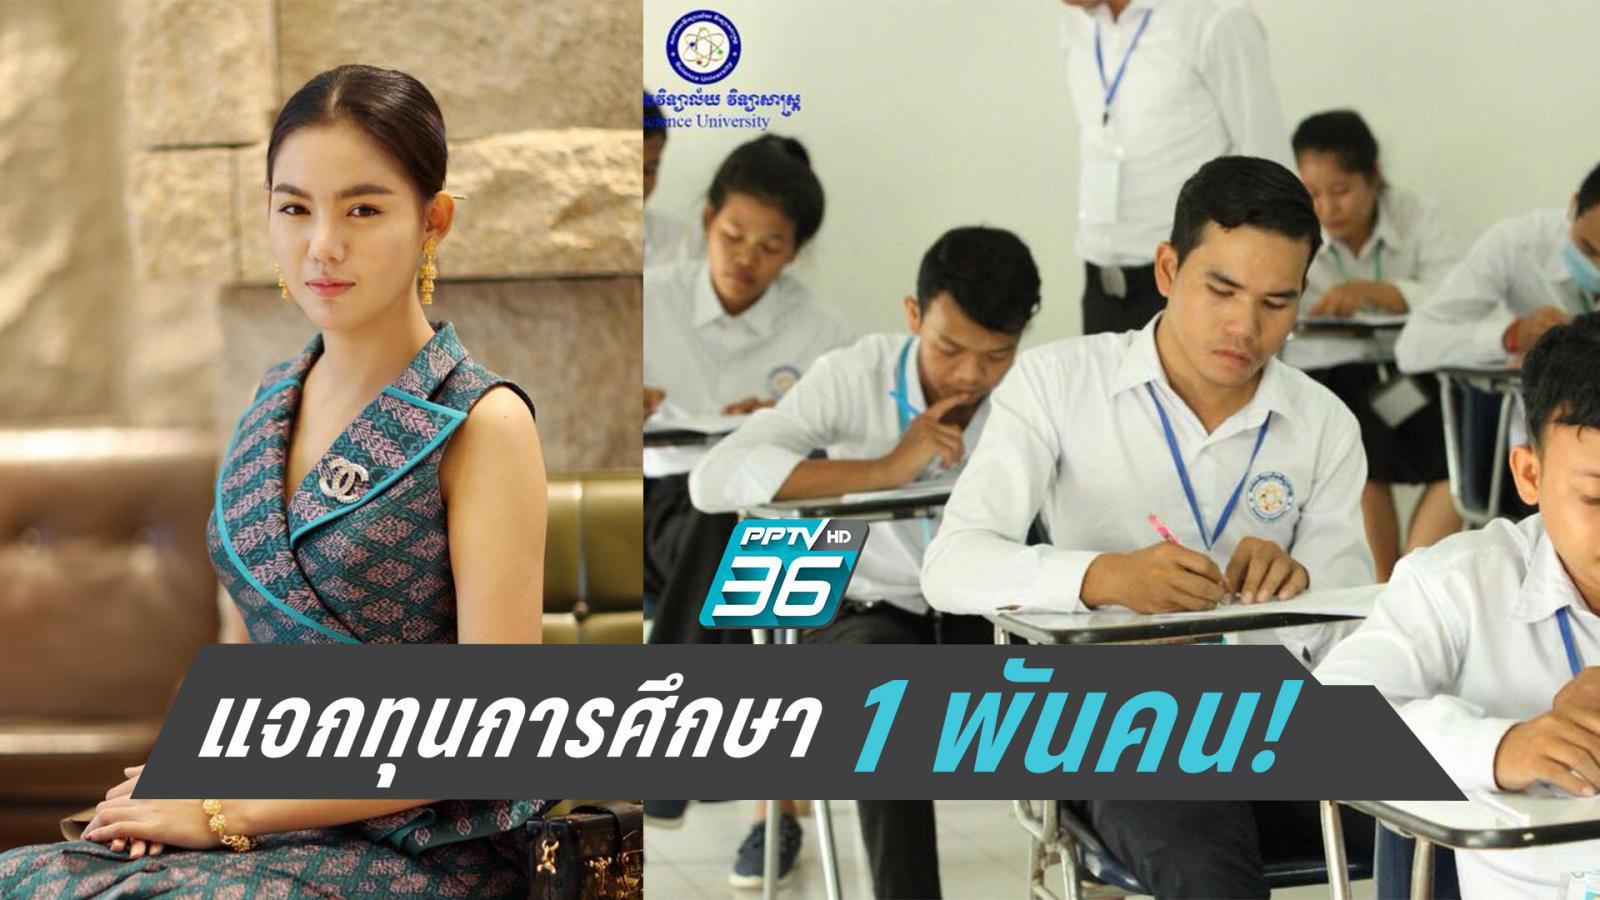 เน็ตไอดอลกัมพูชา ประกาศแจกทุนการศึกษา นร.ยากจน 1 พันคน